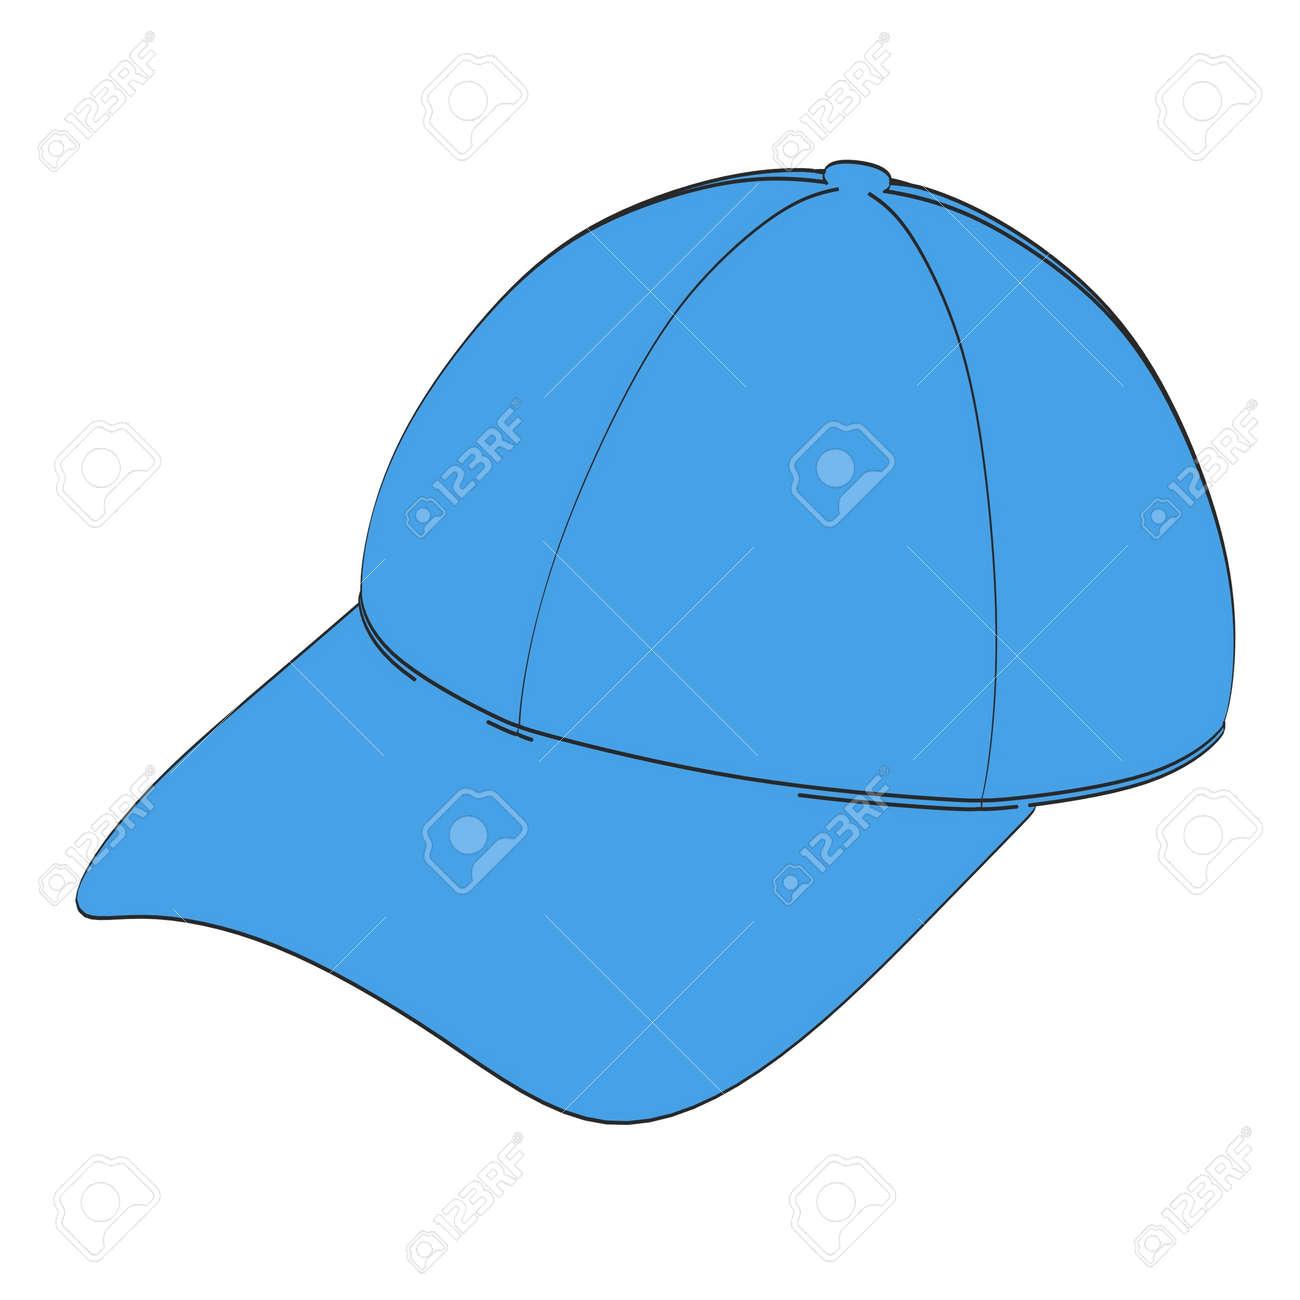 野球帽の 2 D 漫画イラスト の写真素材画像素材 Image 55244860